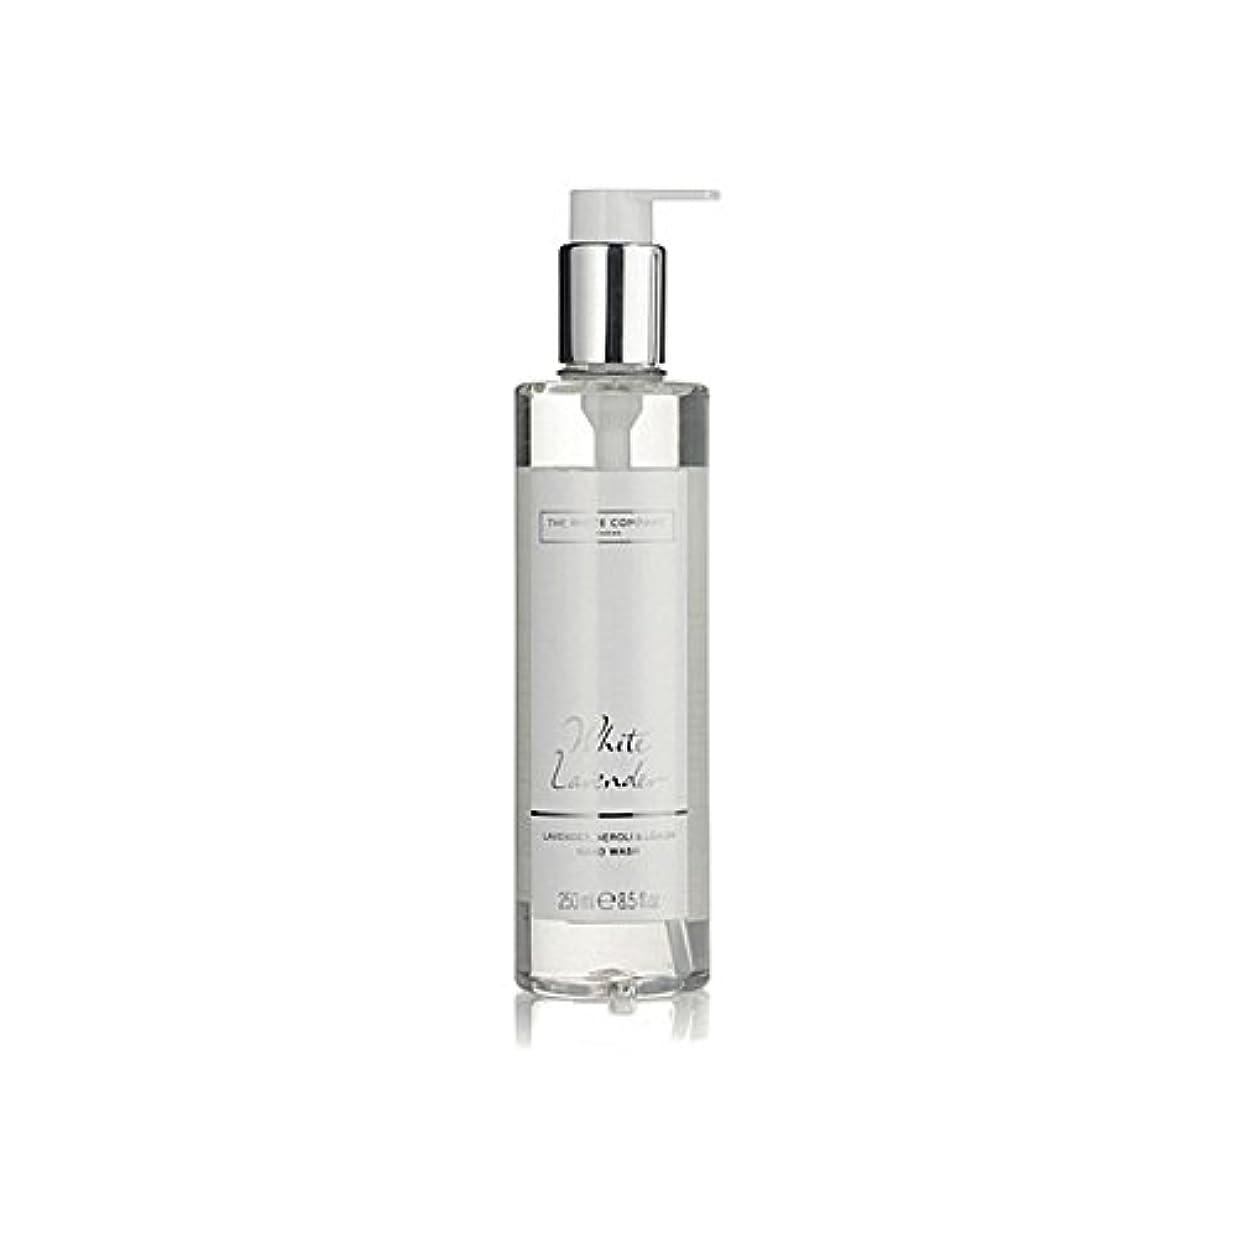 アシスト失敗防止白同社白ラベンダーハンドウォッシュ x2 - The White Company White Lavender Hand Wash (Pack of 2) [並行輸入品]